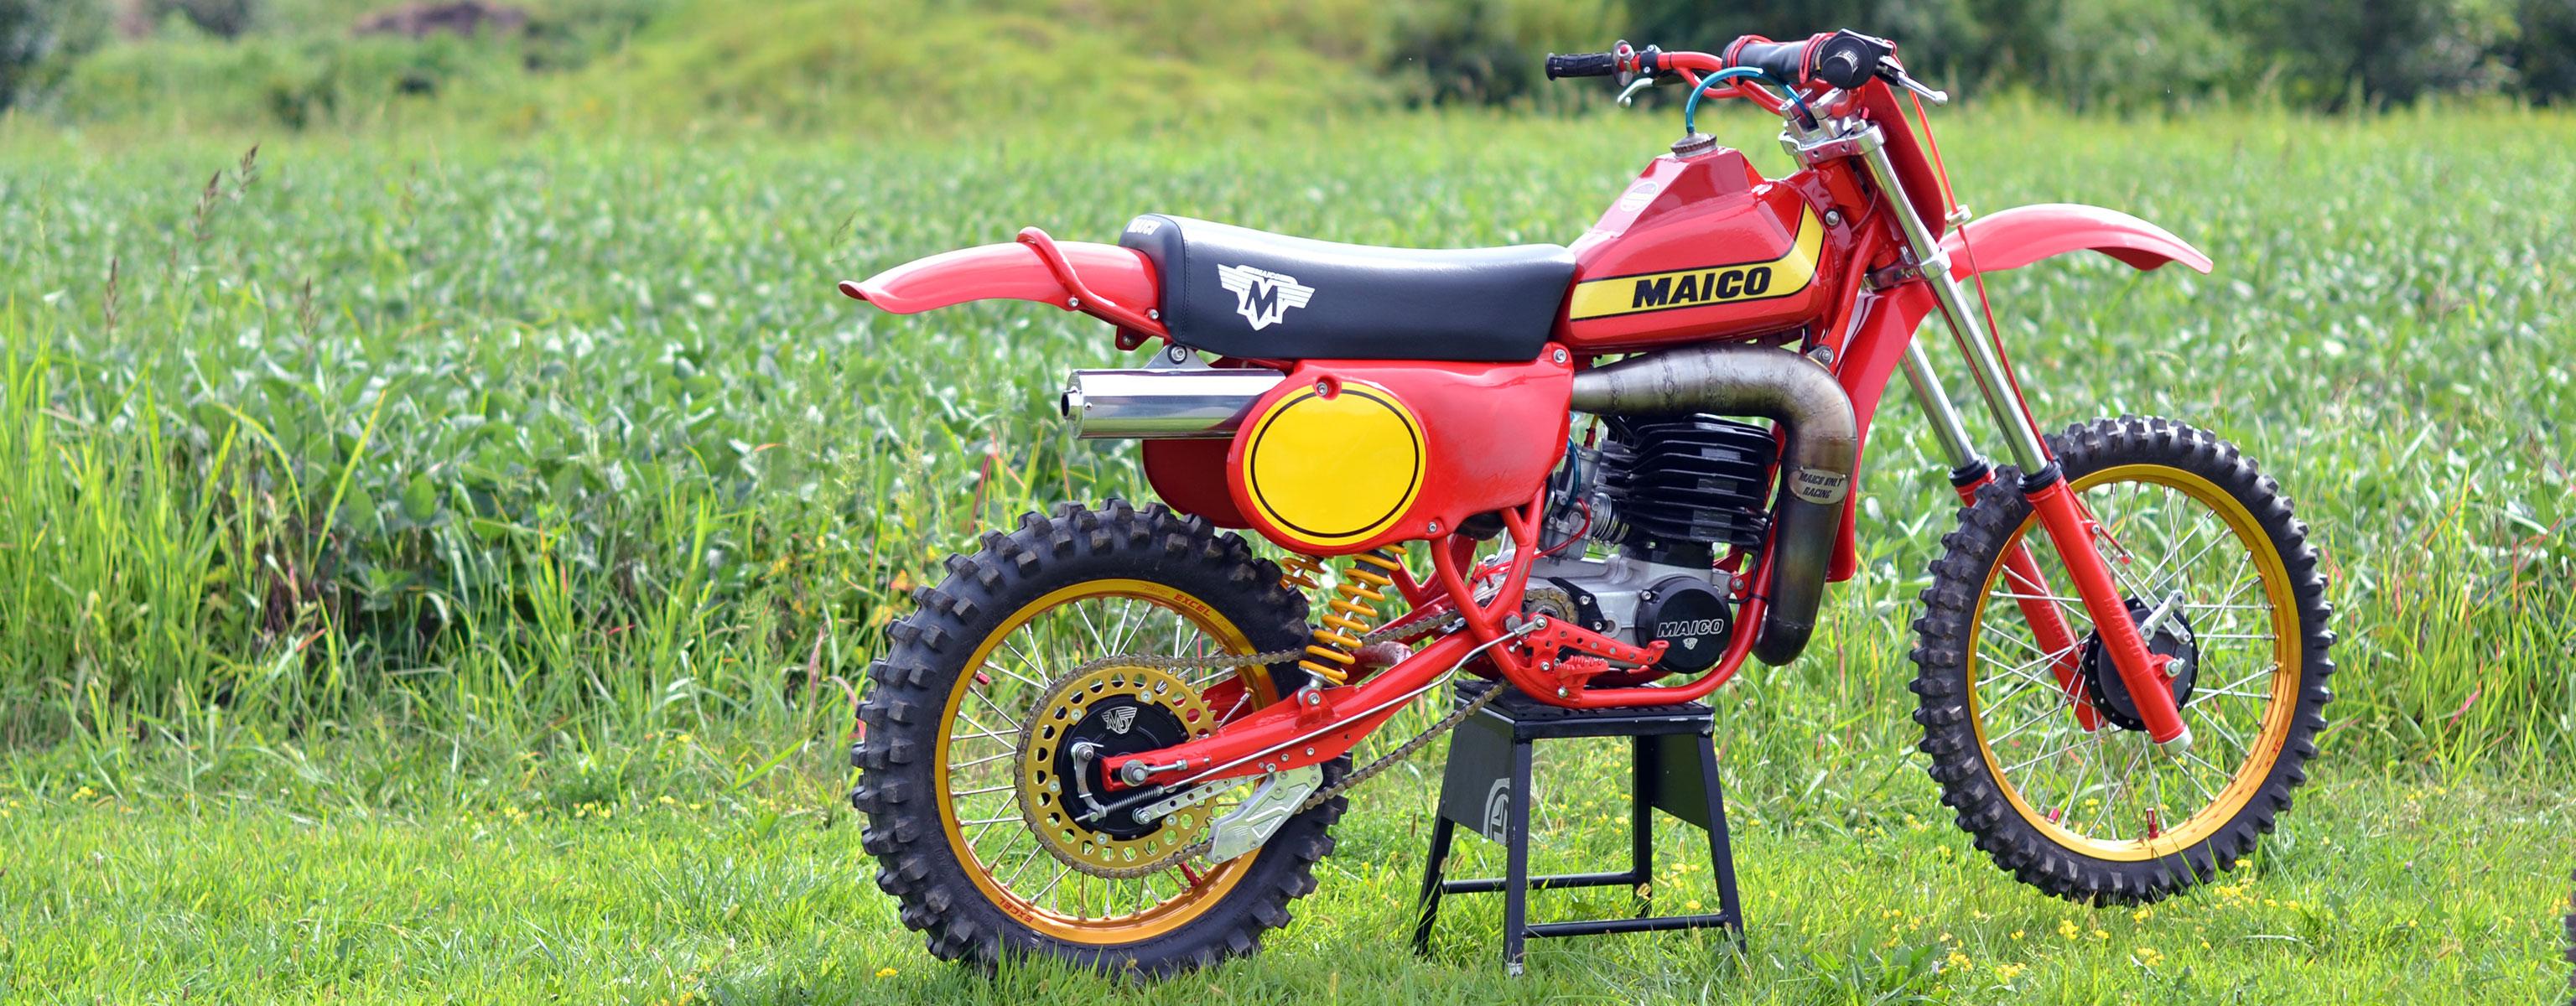 Vintage 1979 Maico Motorcycle Restoration